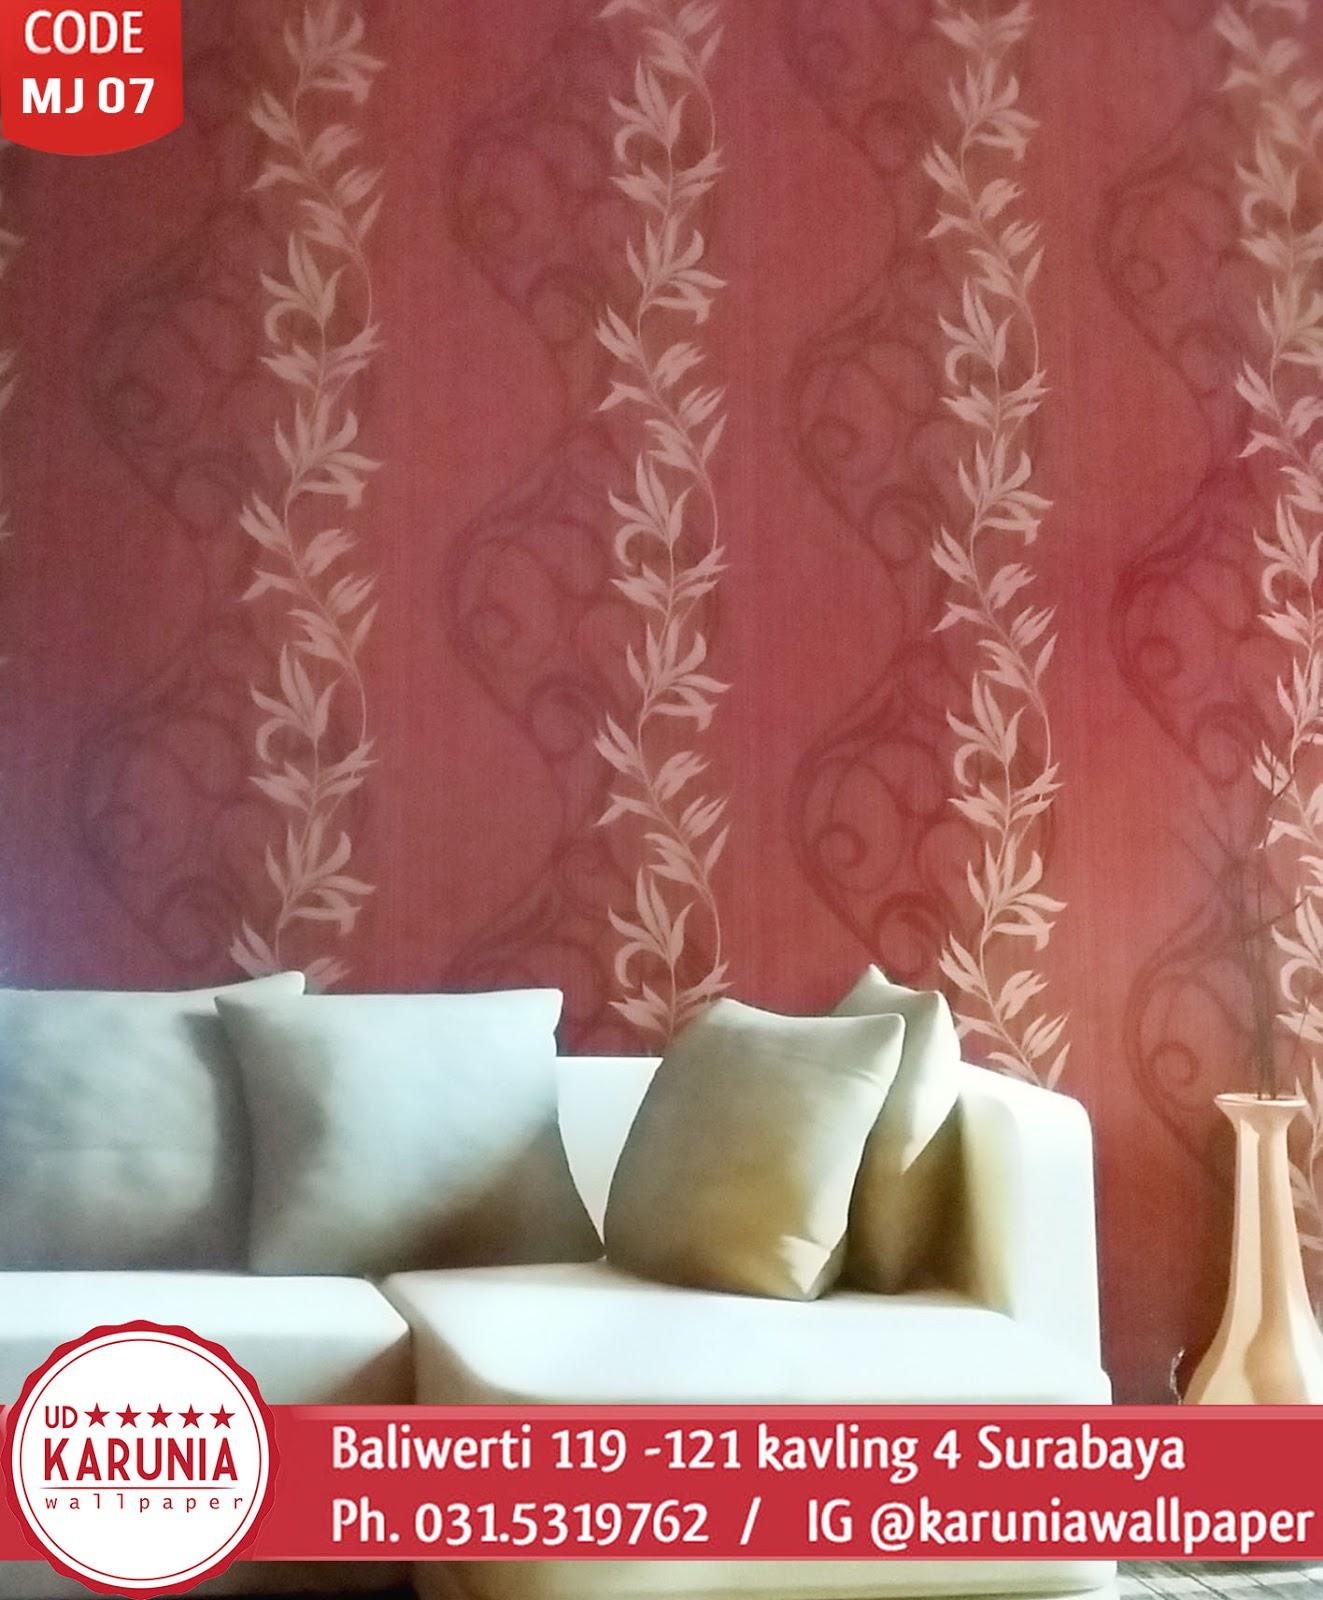 jual wallpaper dinding surabaya murah